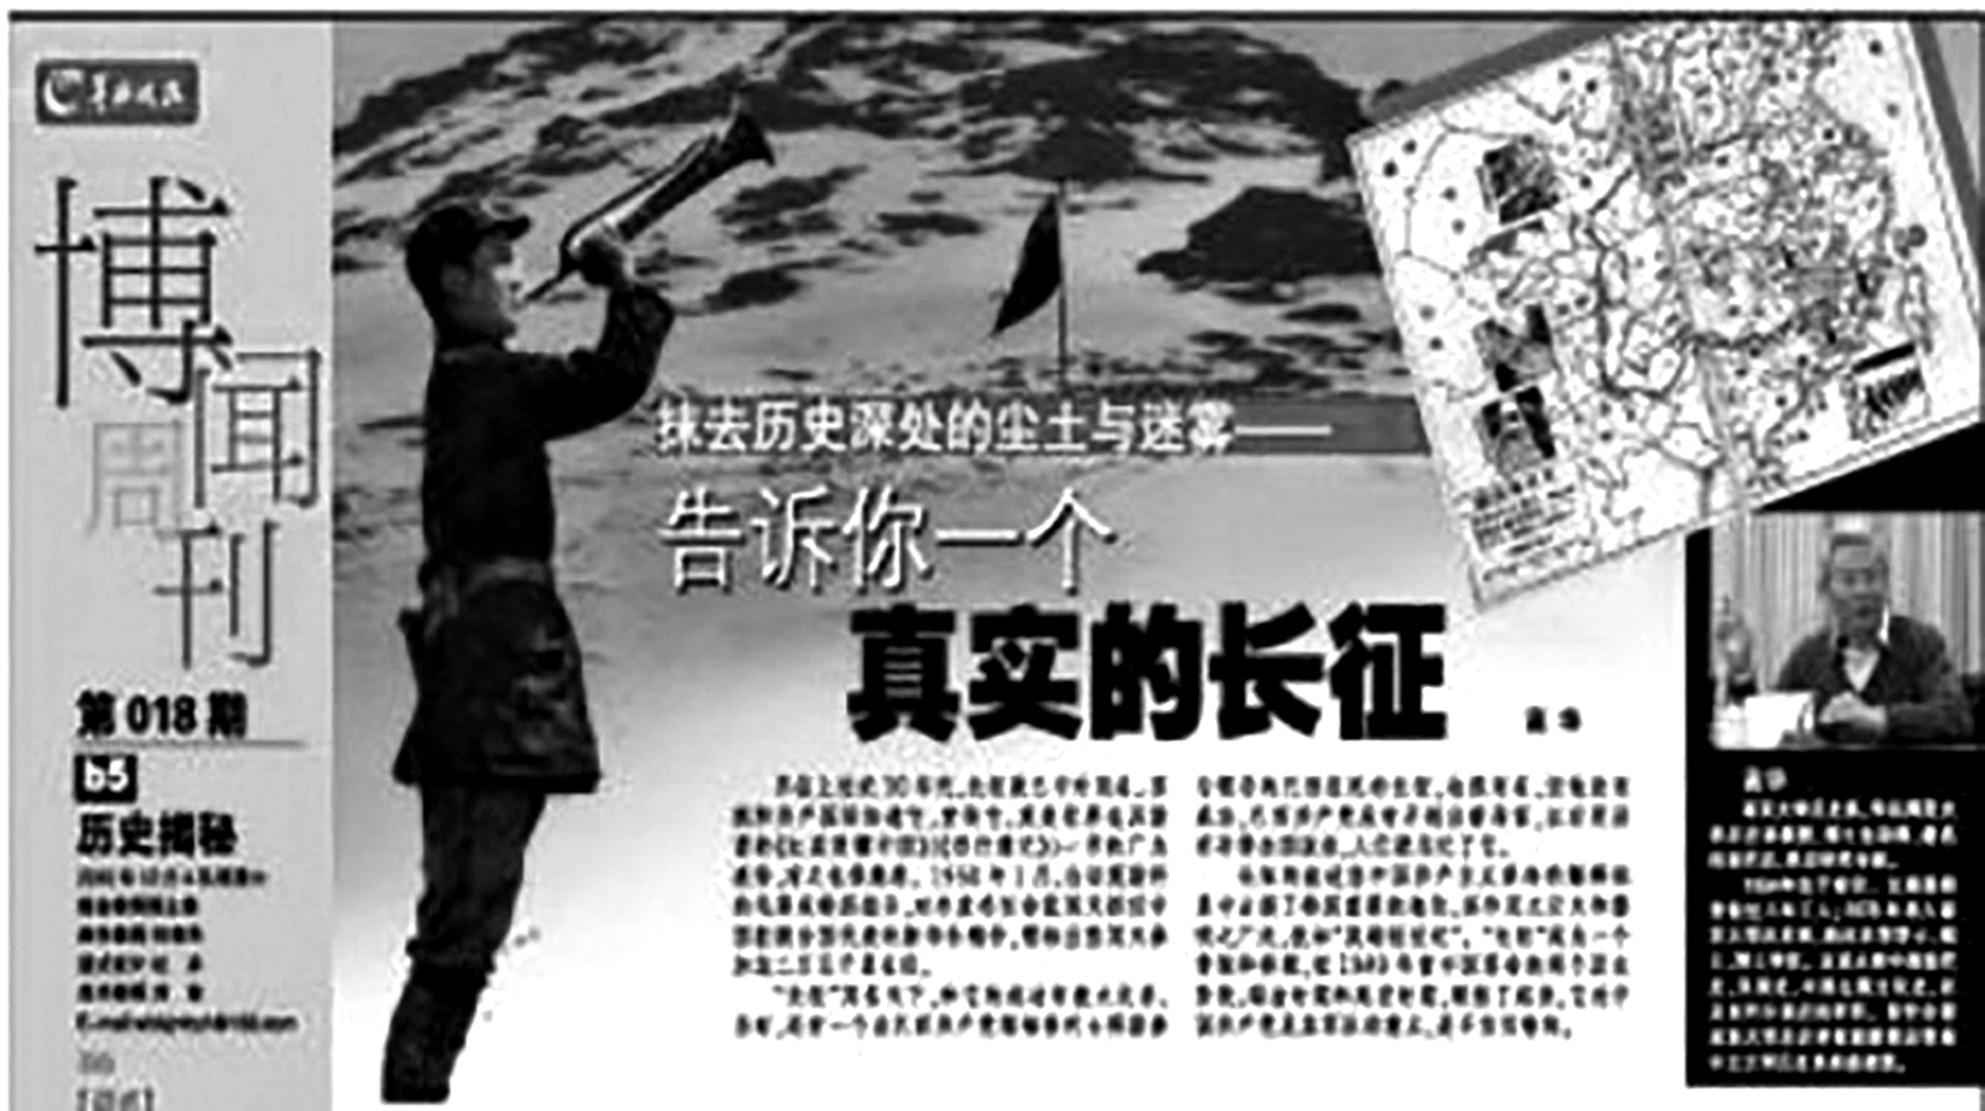 2010年12月4日《羊城晚報》發表南京大學歷史系教授高華的文章,揭露長征真相 。(網絡圖片)